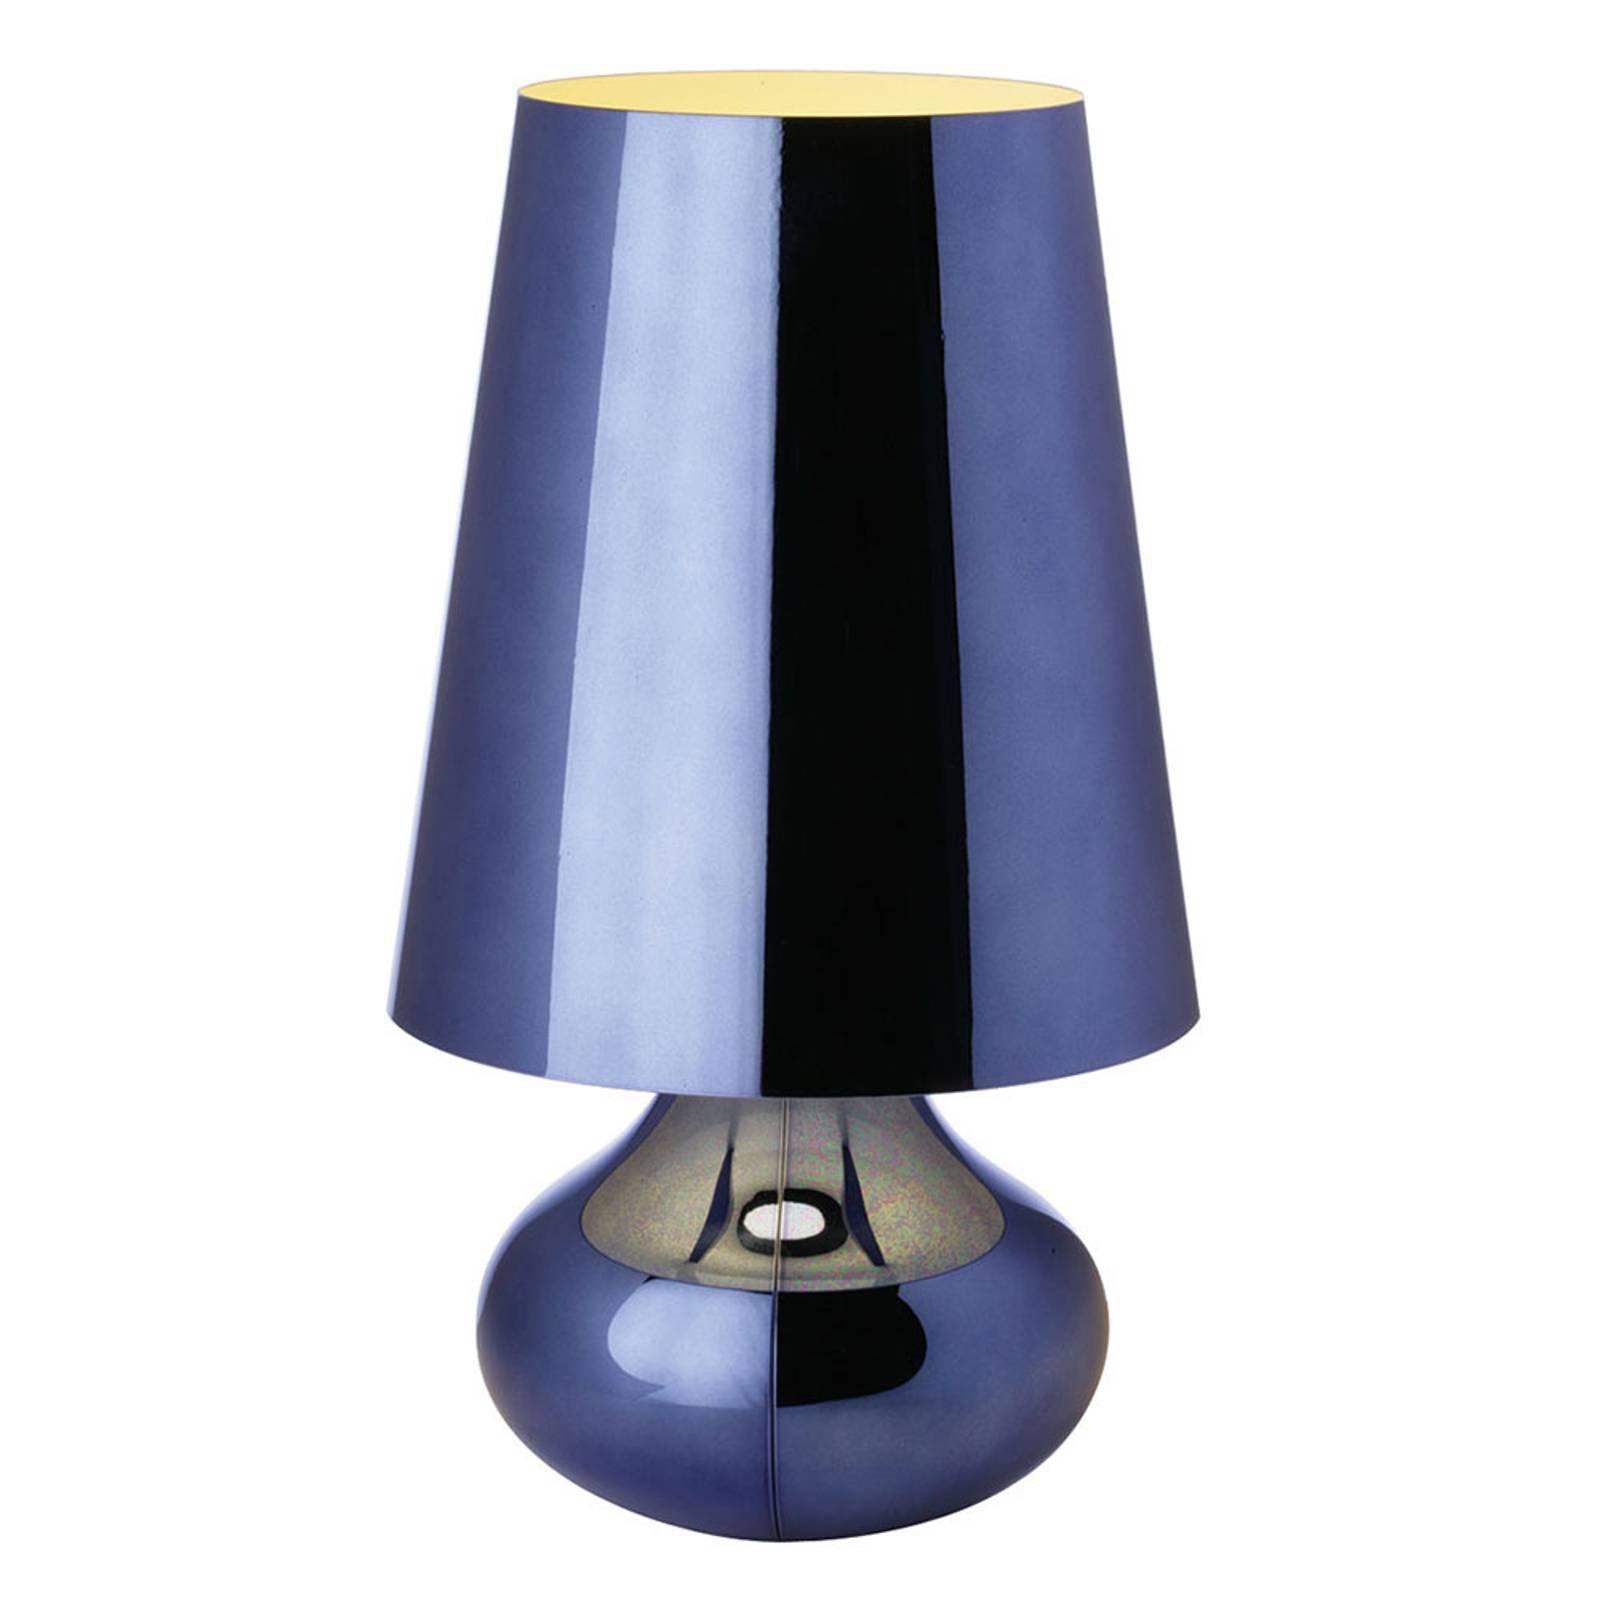 Nattbordslampe Cindy med LED, metallisk blå